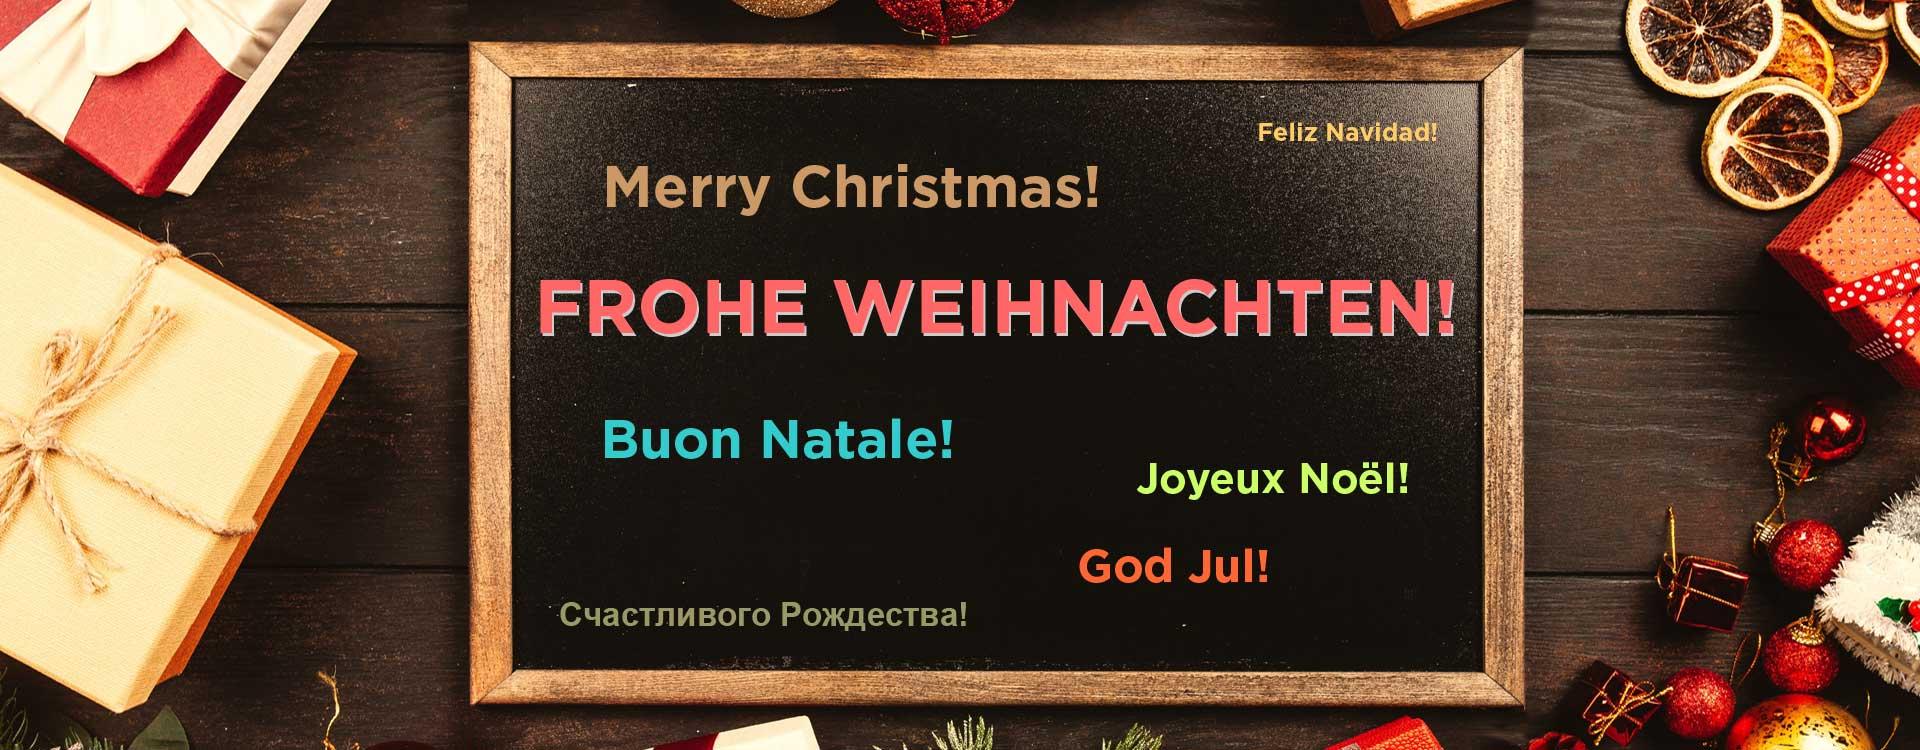 Die schönsten Weihnachtsgrüße und Geschenke in jeder Sprache haben fast immer was mit leckerer Schokolade zu tun